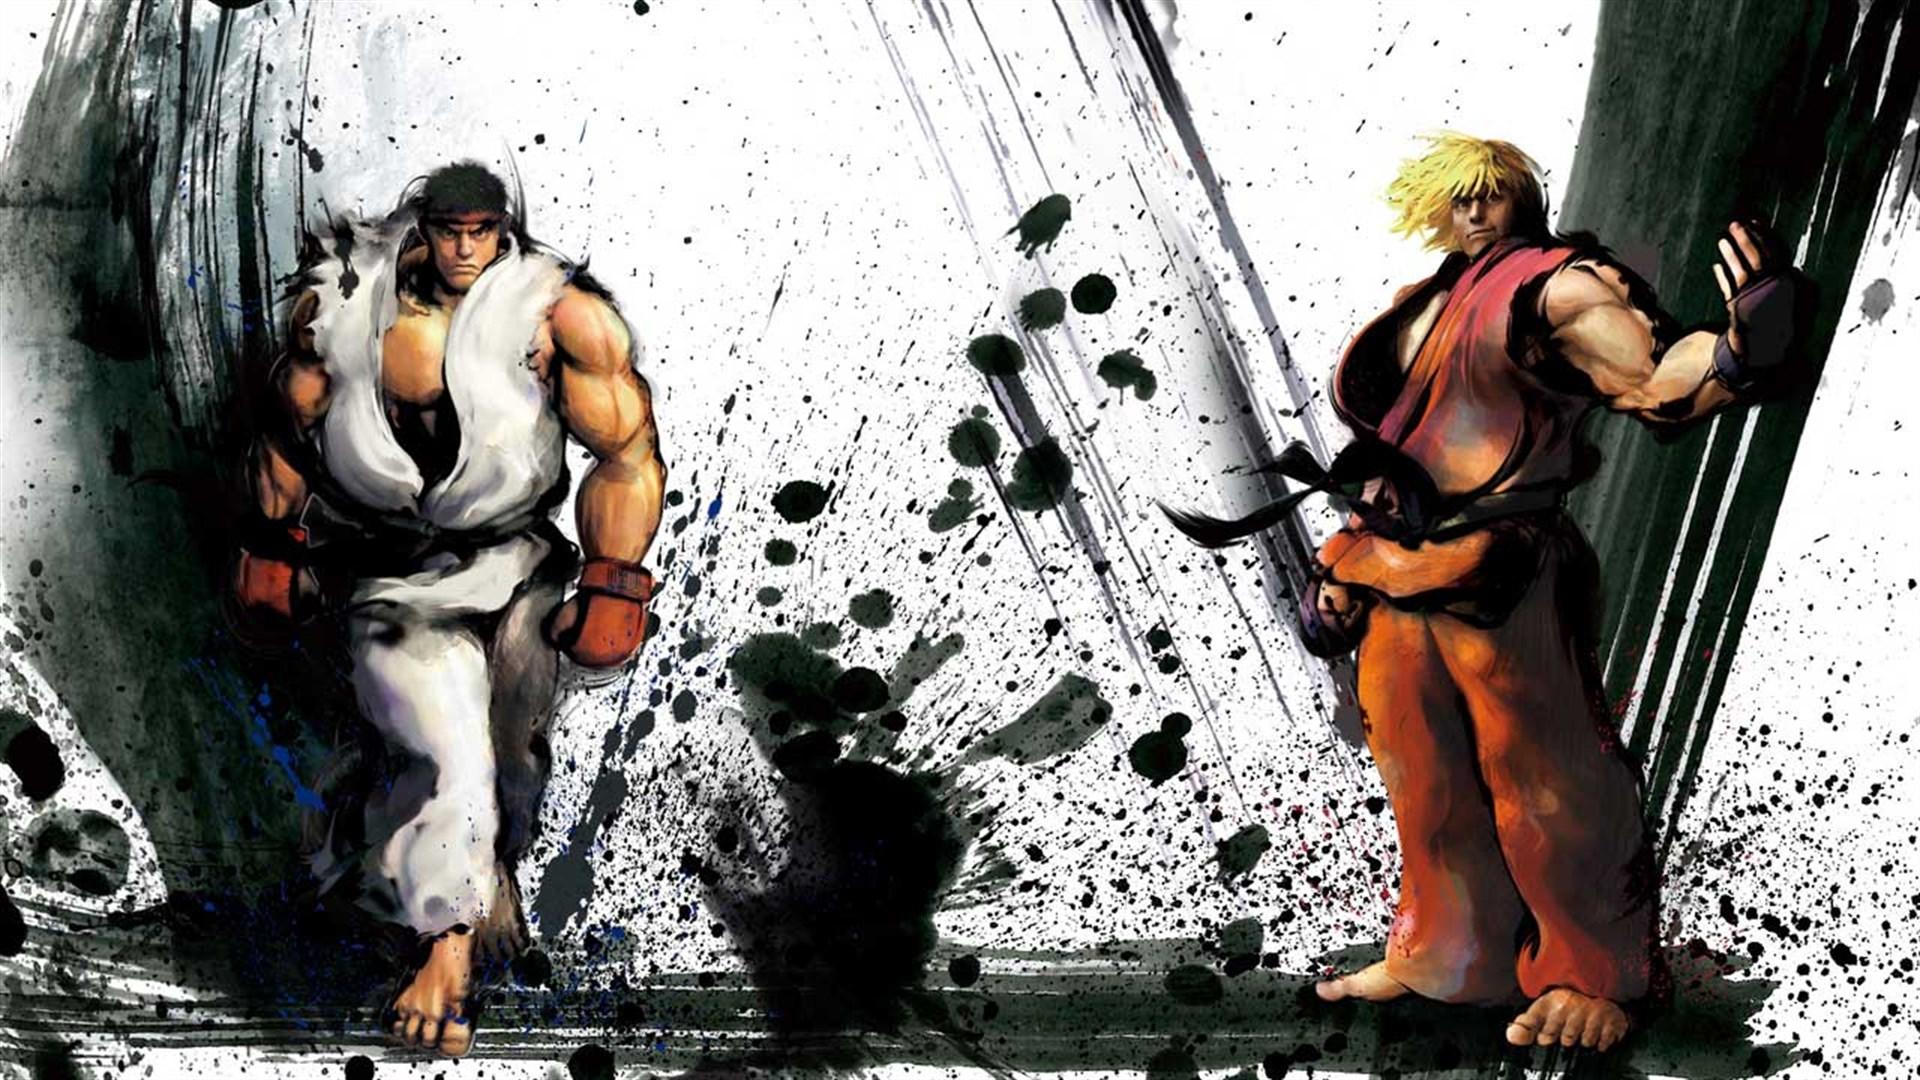 На Xbox сейчас можно получить бесплатно STREET FIGHTER IV